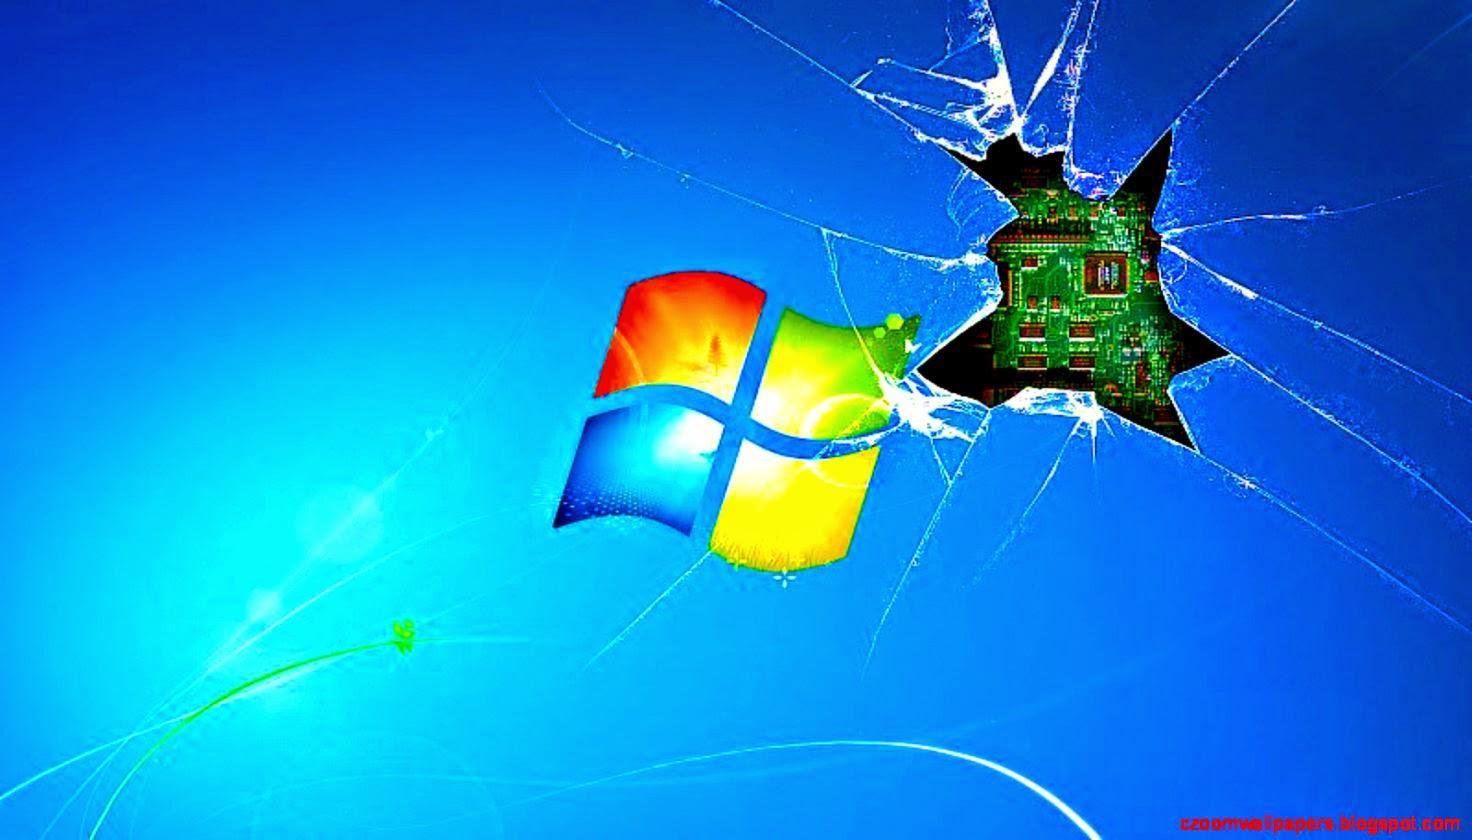 3d Neon Desktop Wallpapers Broken Screen Wallpaper Windows 7 Hd Zoom Wallpapers